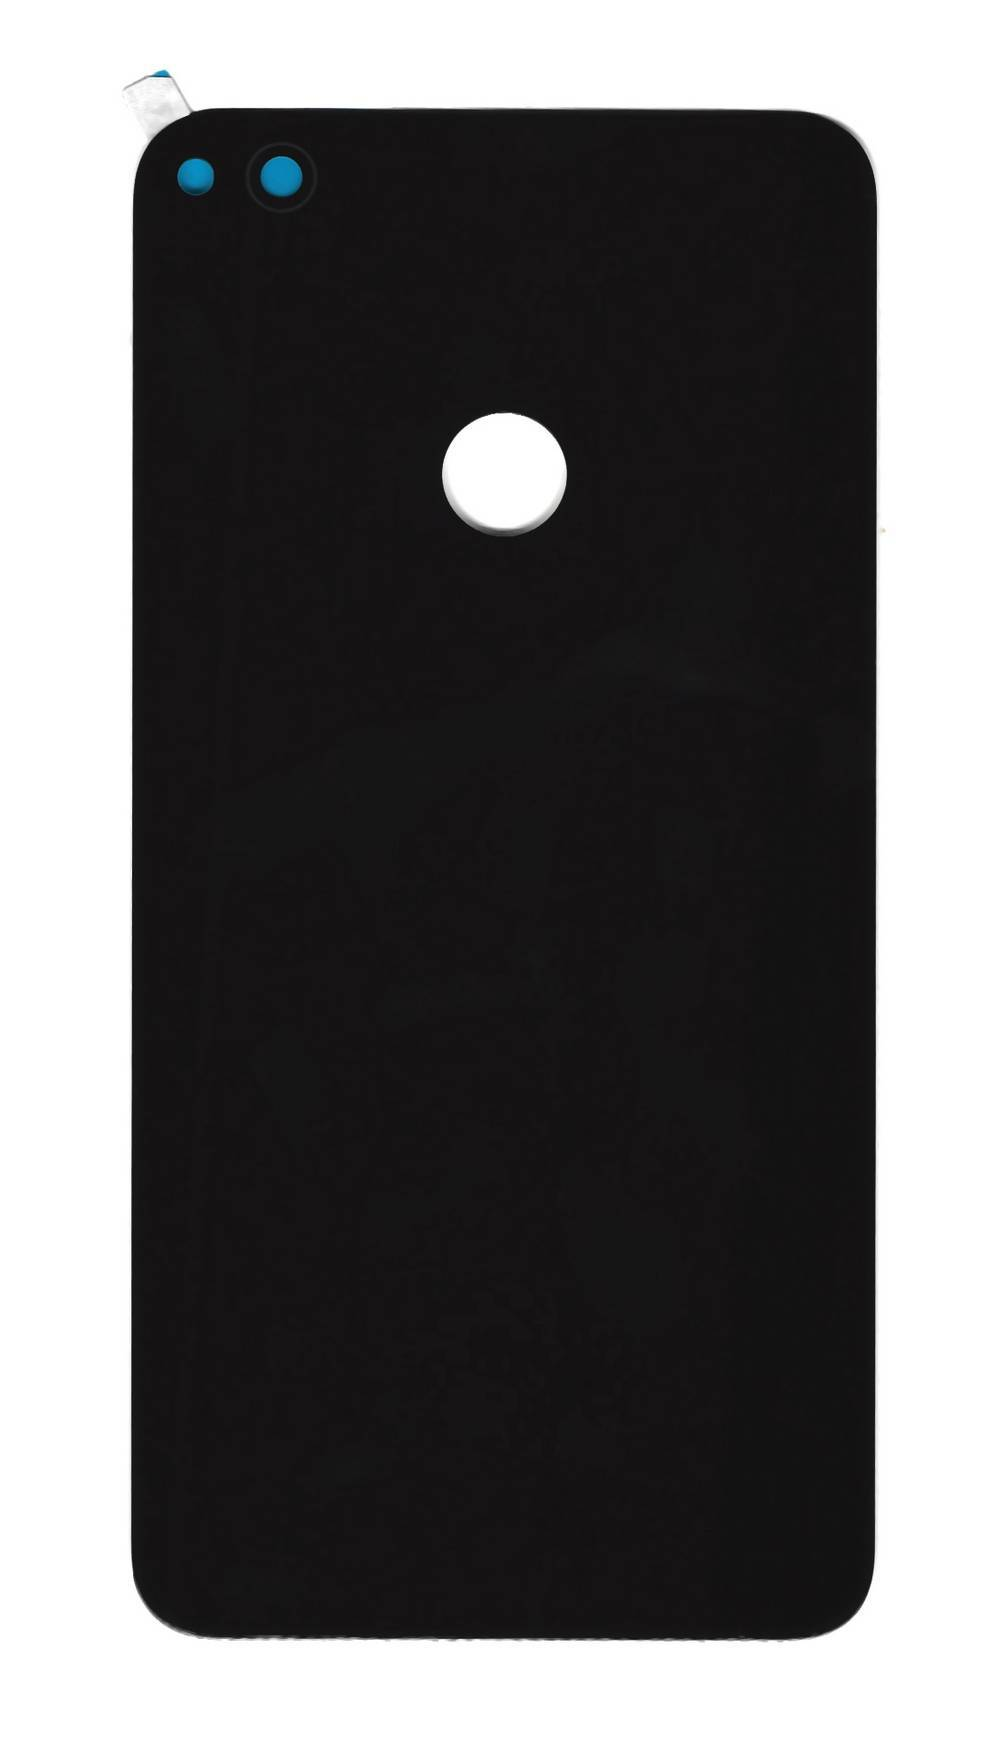 Πίσω Κάλυμμα Huawei P8 Lite (2017)/P9 Lite (2017) Μαύρο OEM Type A